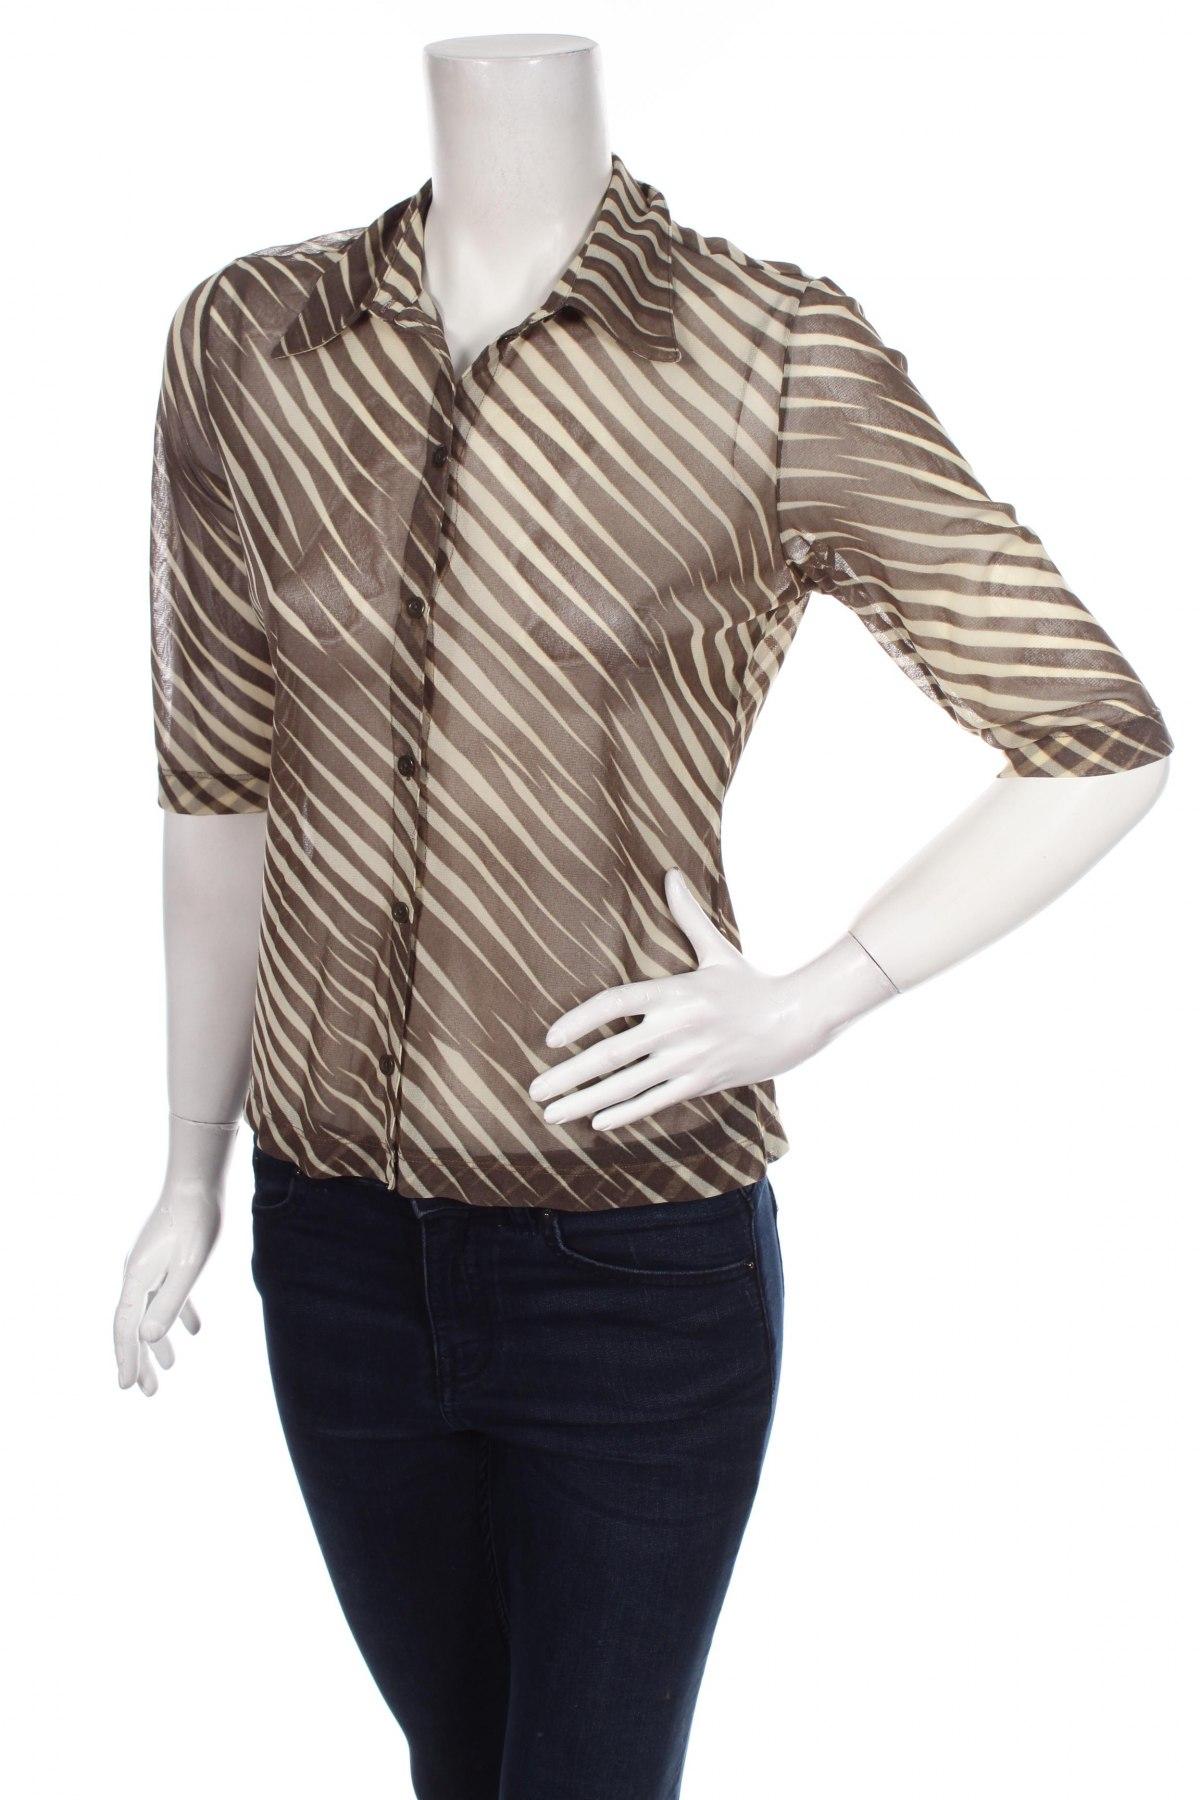 Γυναικείο πουκάμισο Mexx, Μέγεθος L, Χρώμα Πράσινο, Πολυαμίδη, Τιμή 17,32€